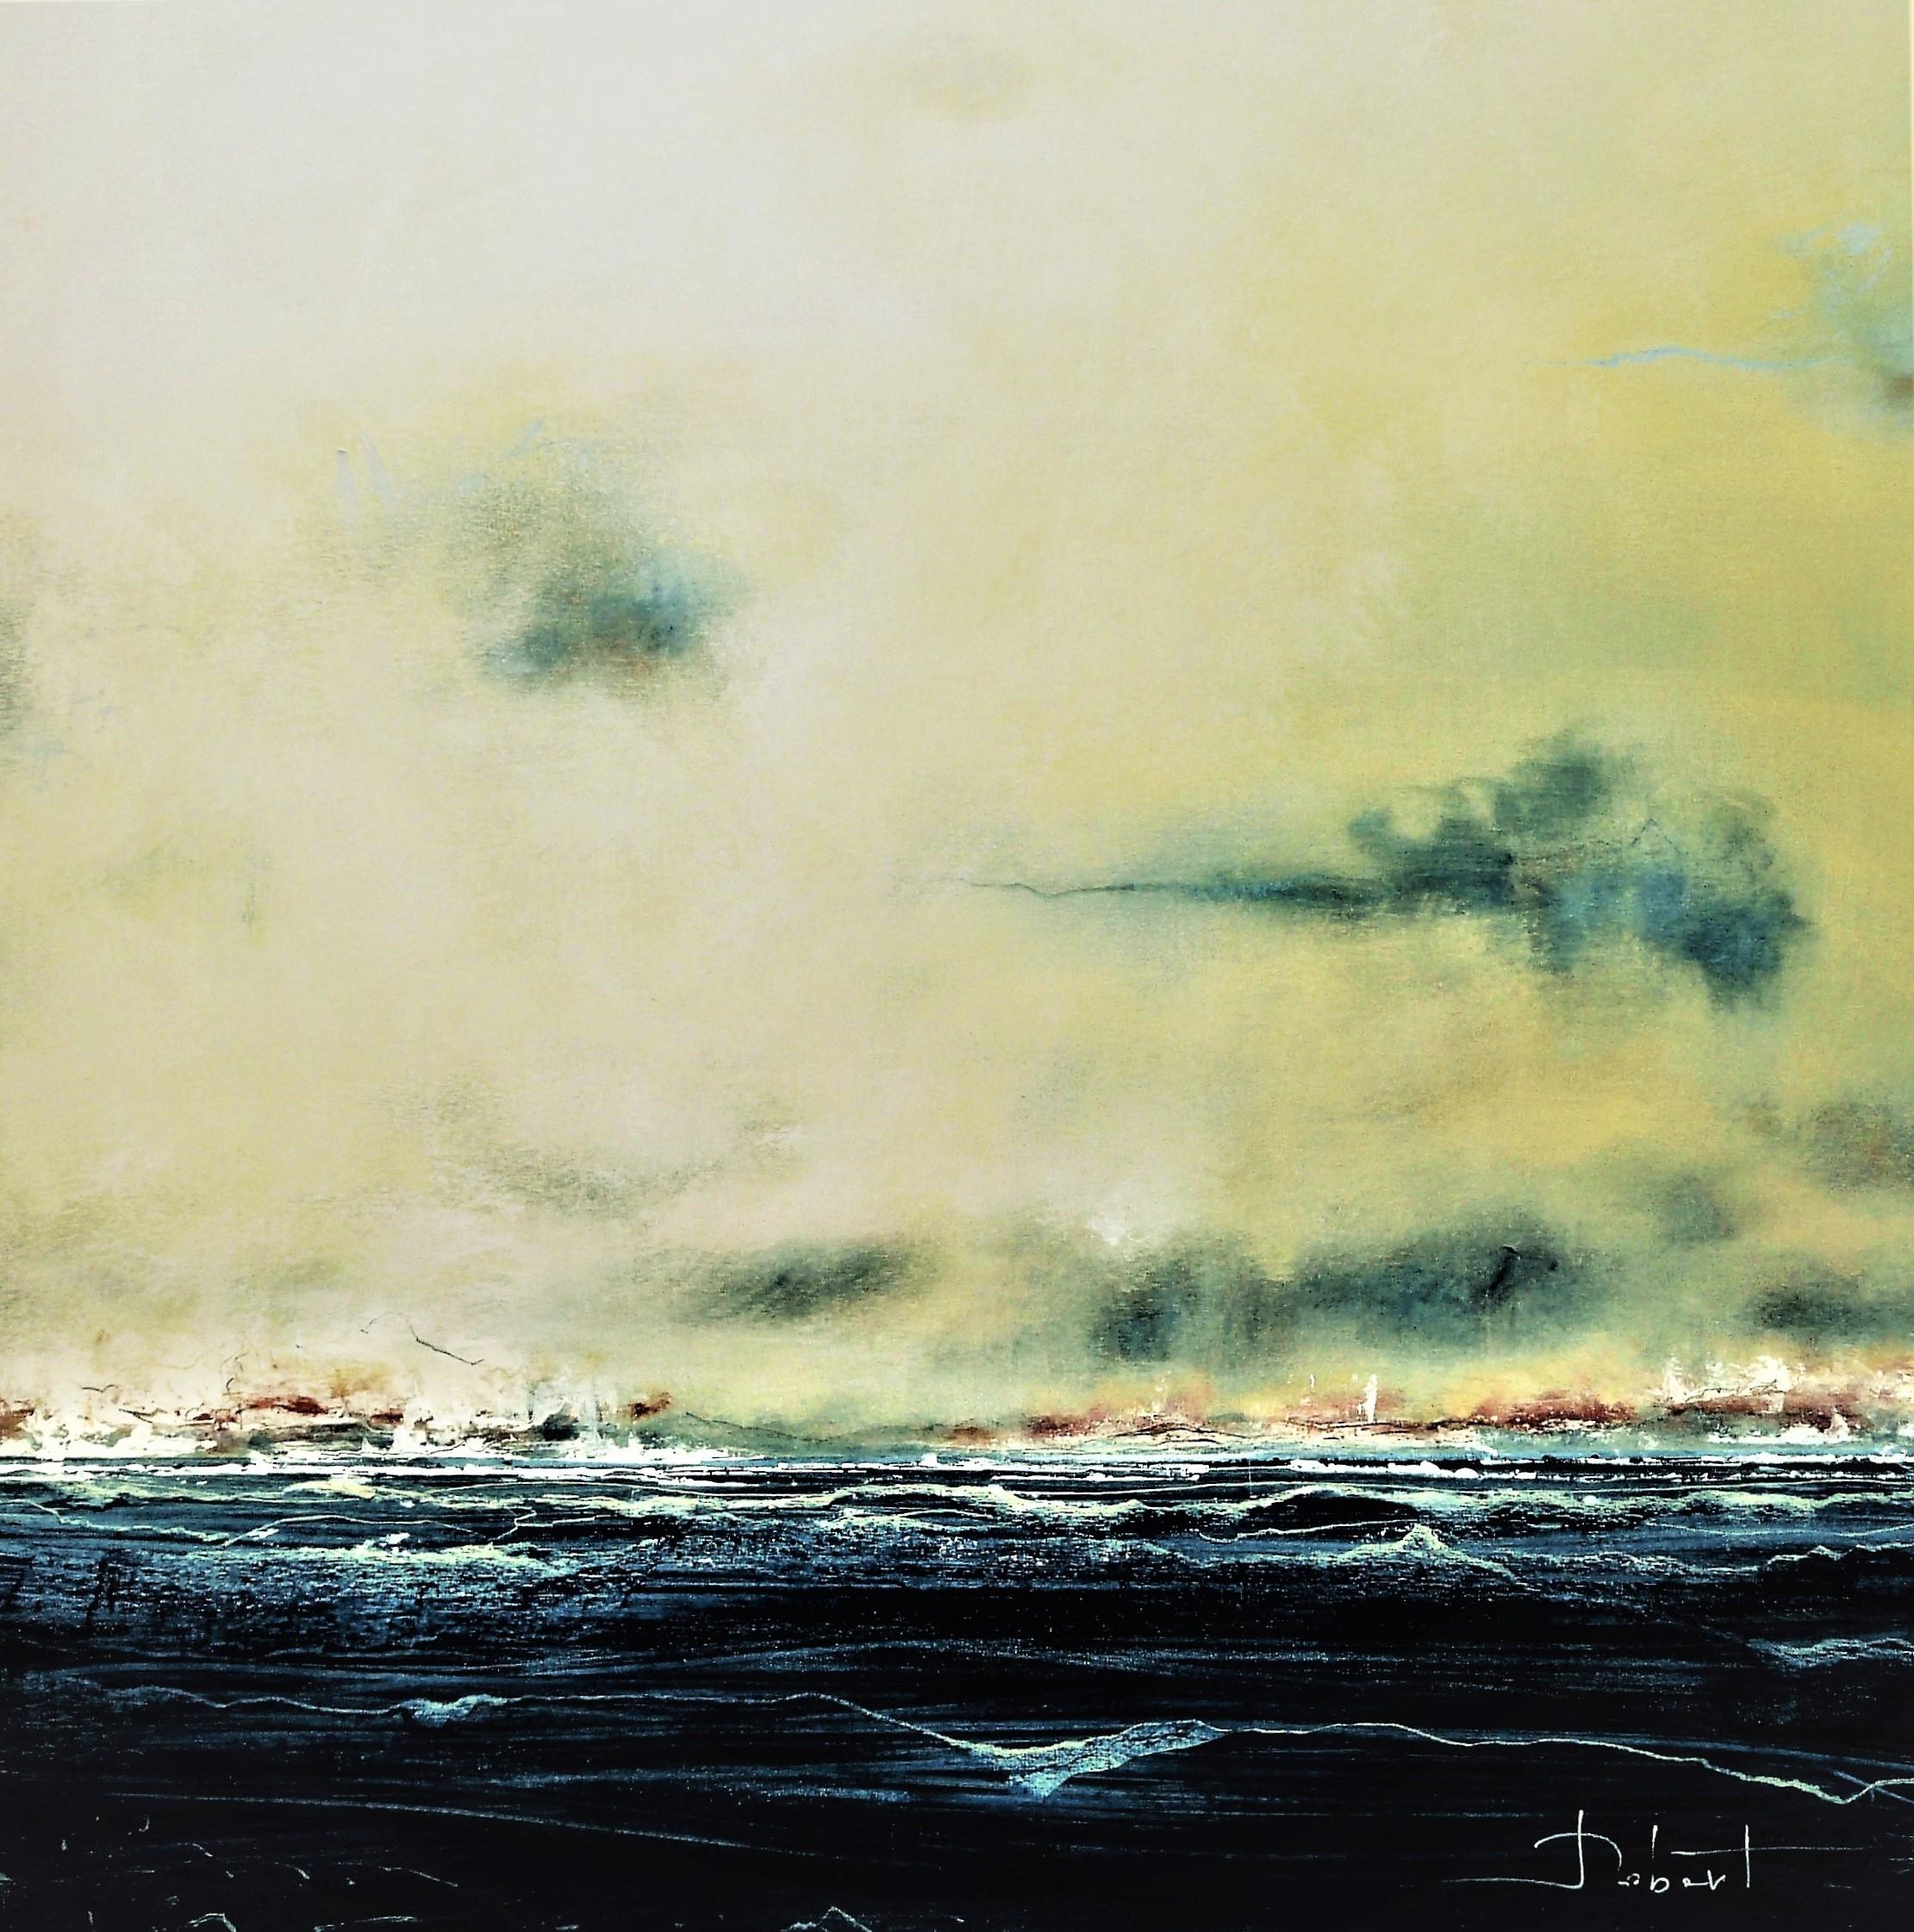 Océan Mer Num 20 acrylique sur toile 100x100 cm NEW OK P1080712 (4)